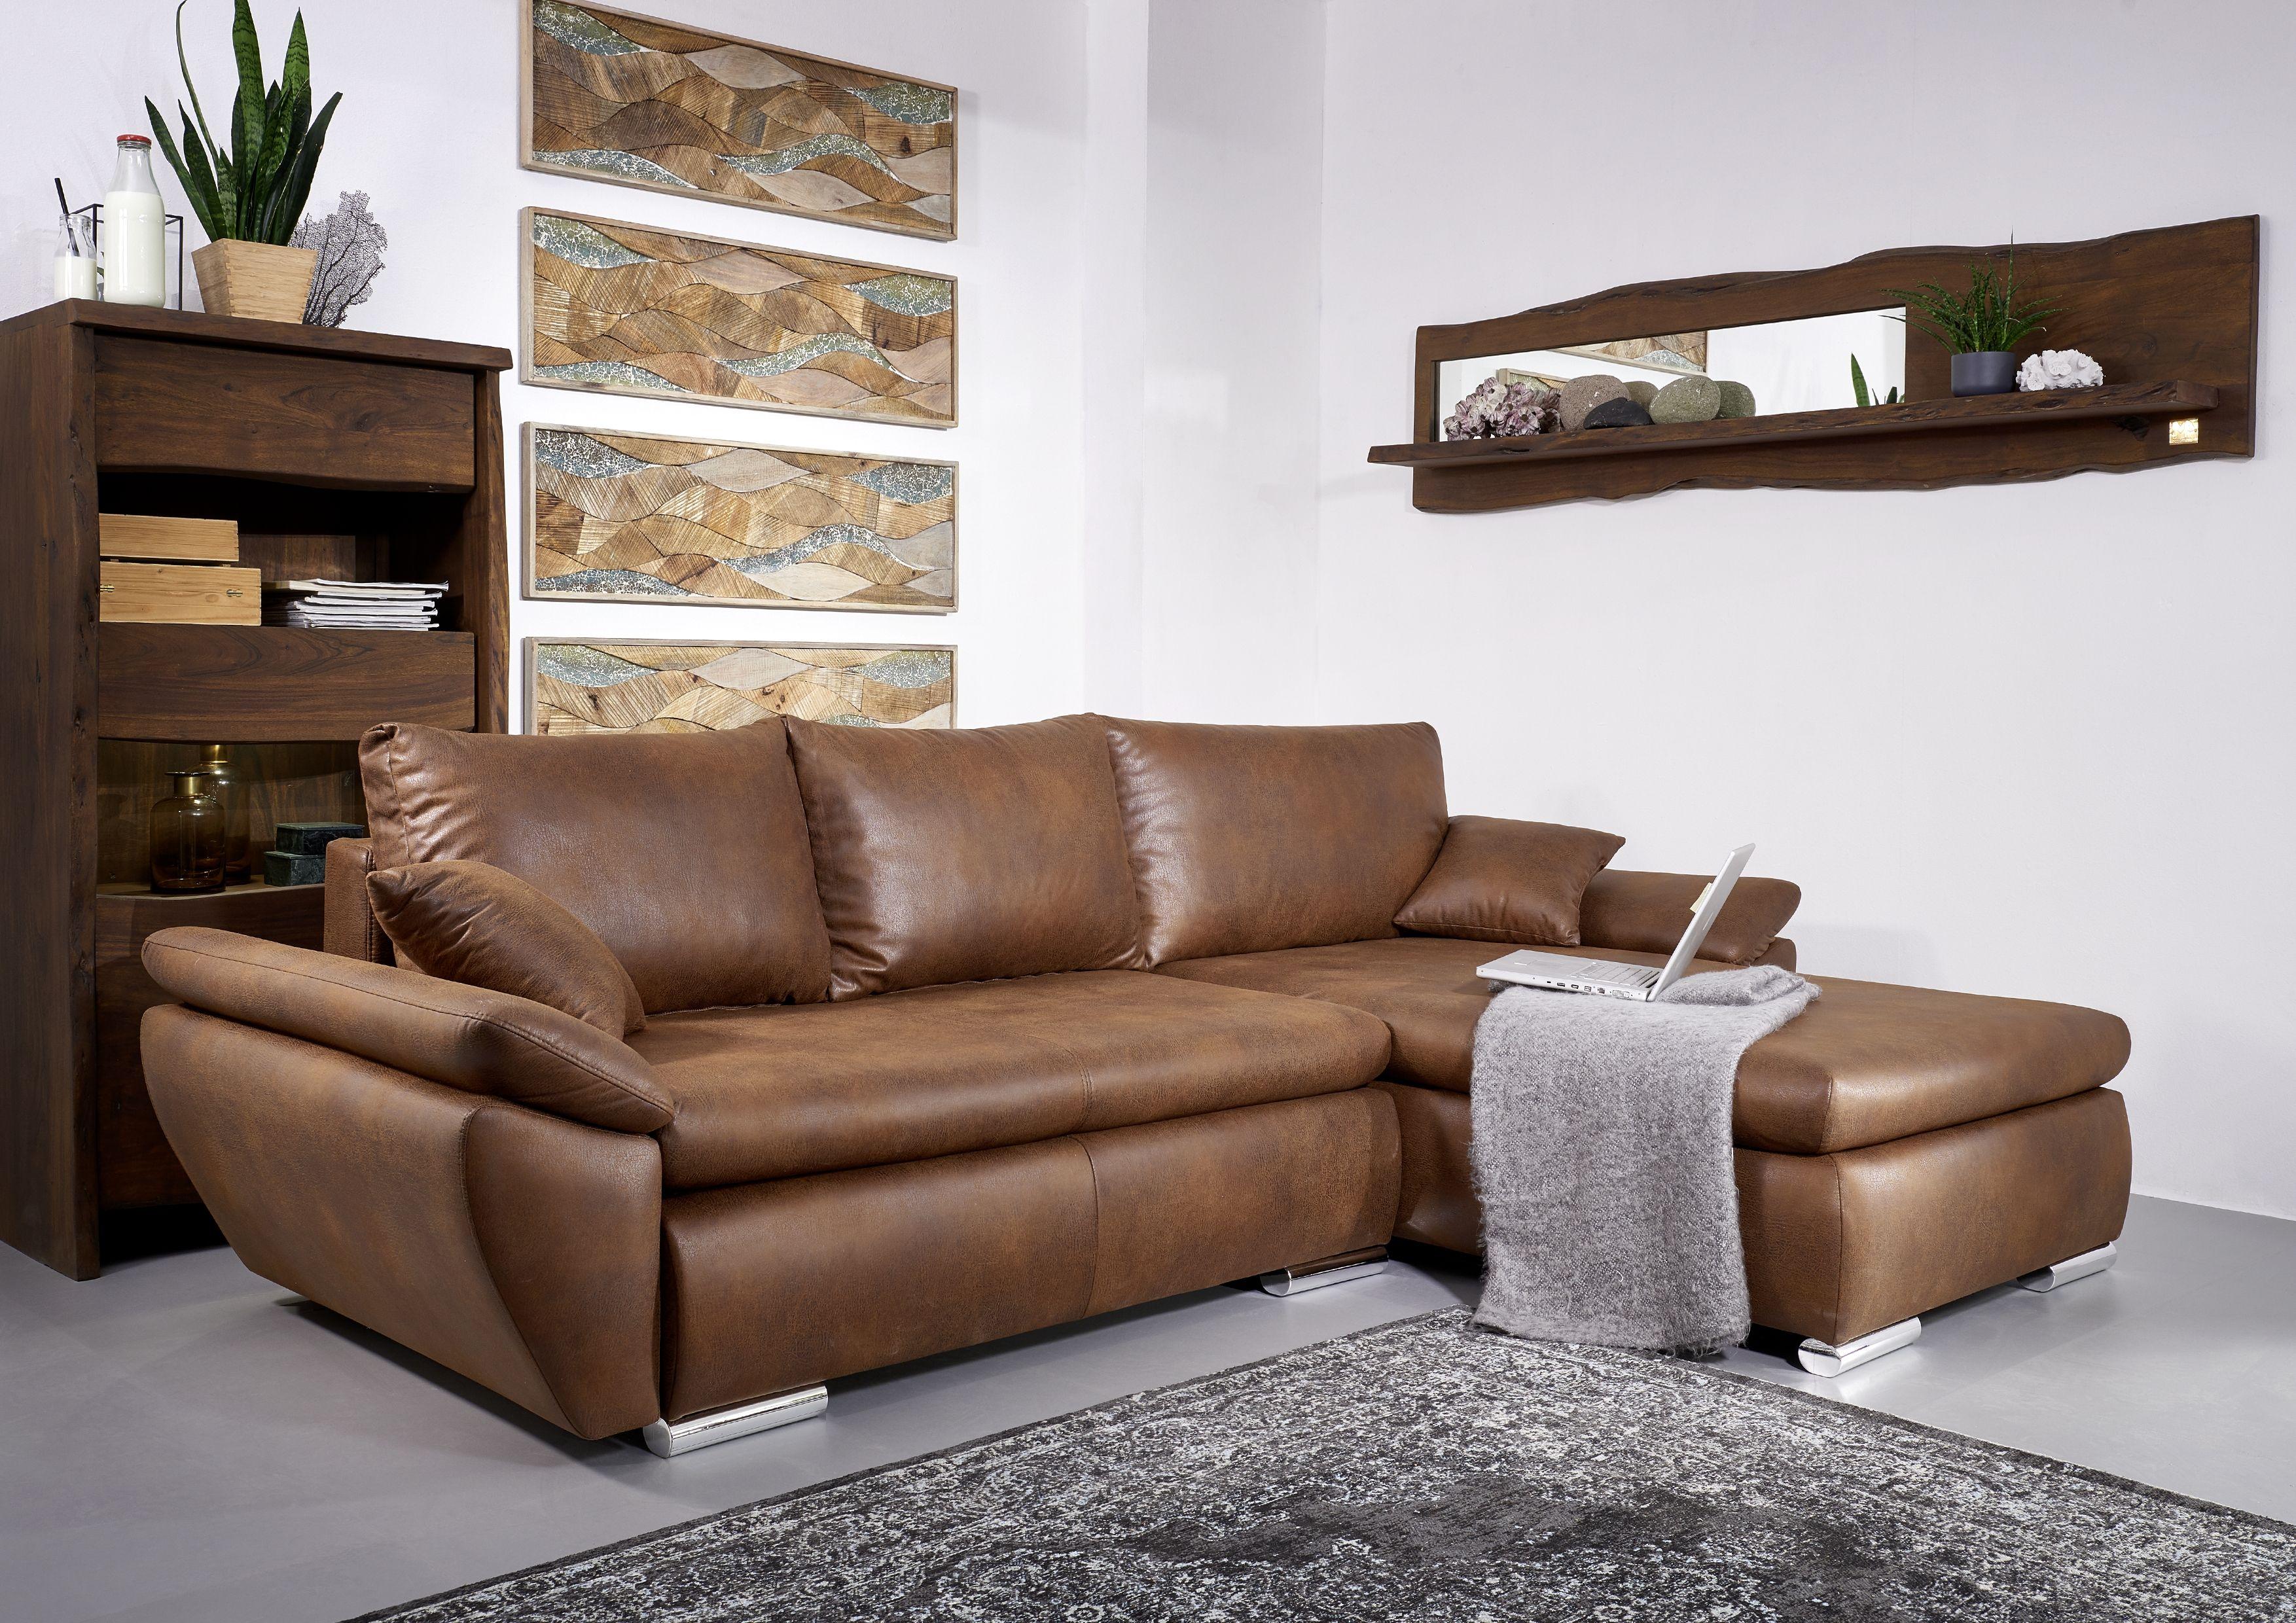 Ein wundervoller Ort zum Entspannen sofa couch möbel möbelstücke wohnzimmer